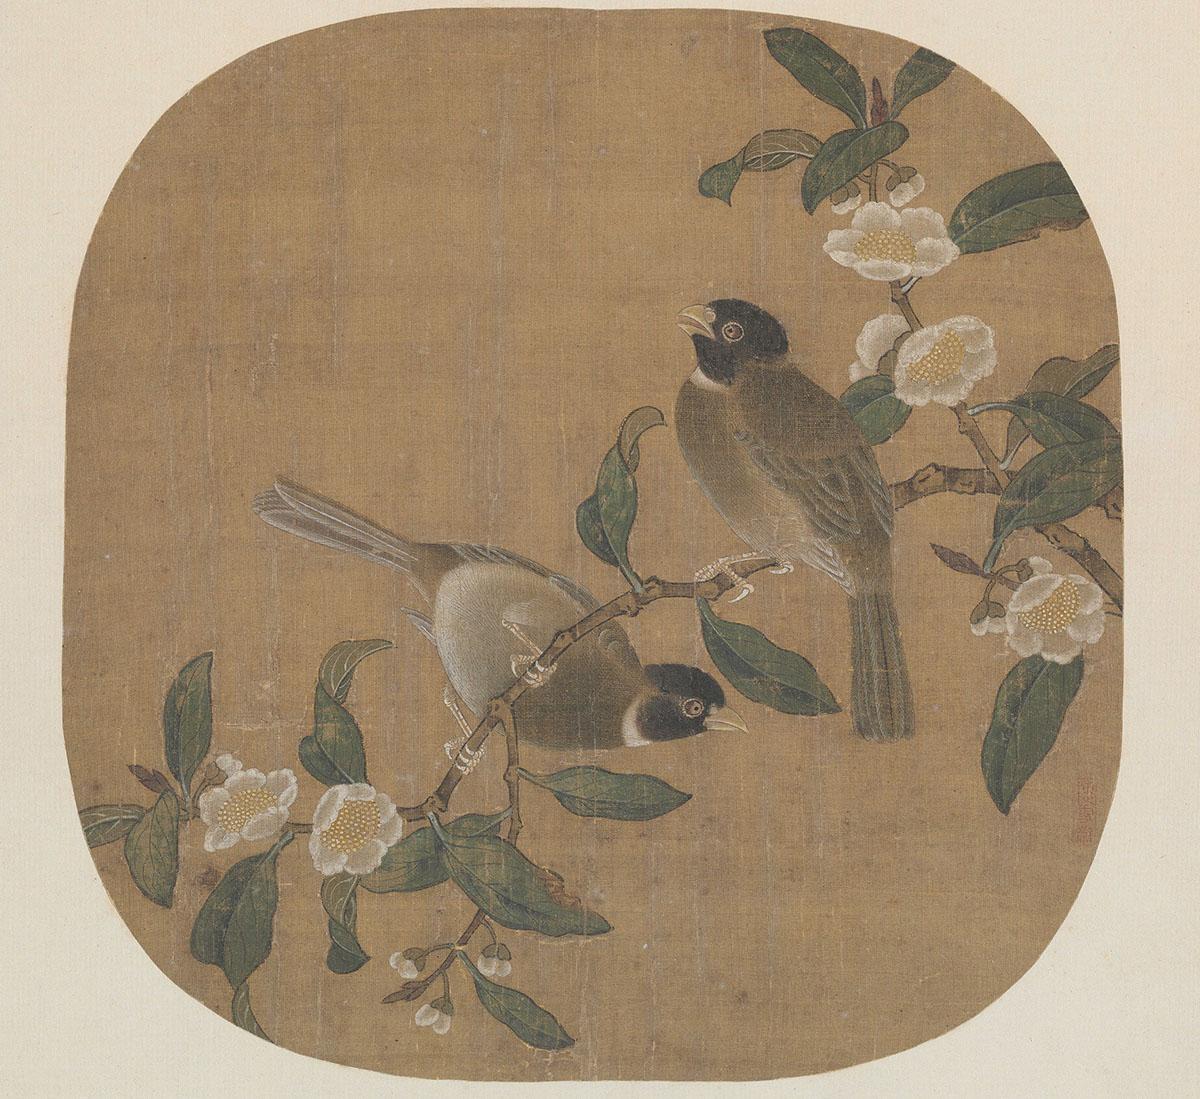 明 佚名 花卉双禽图页39x43故宫博物院